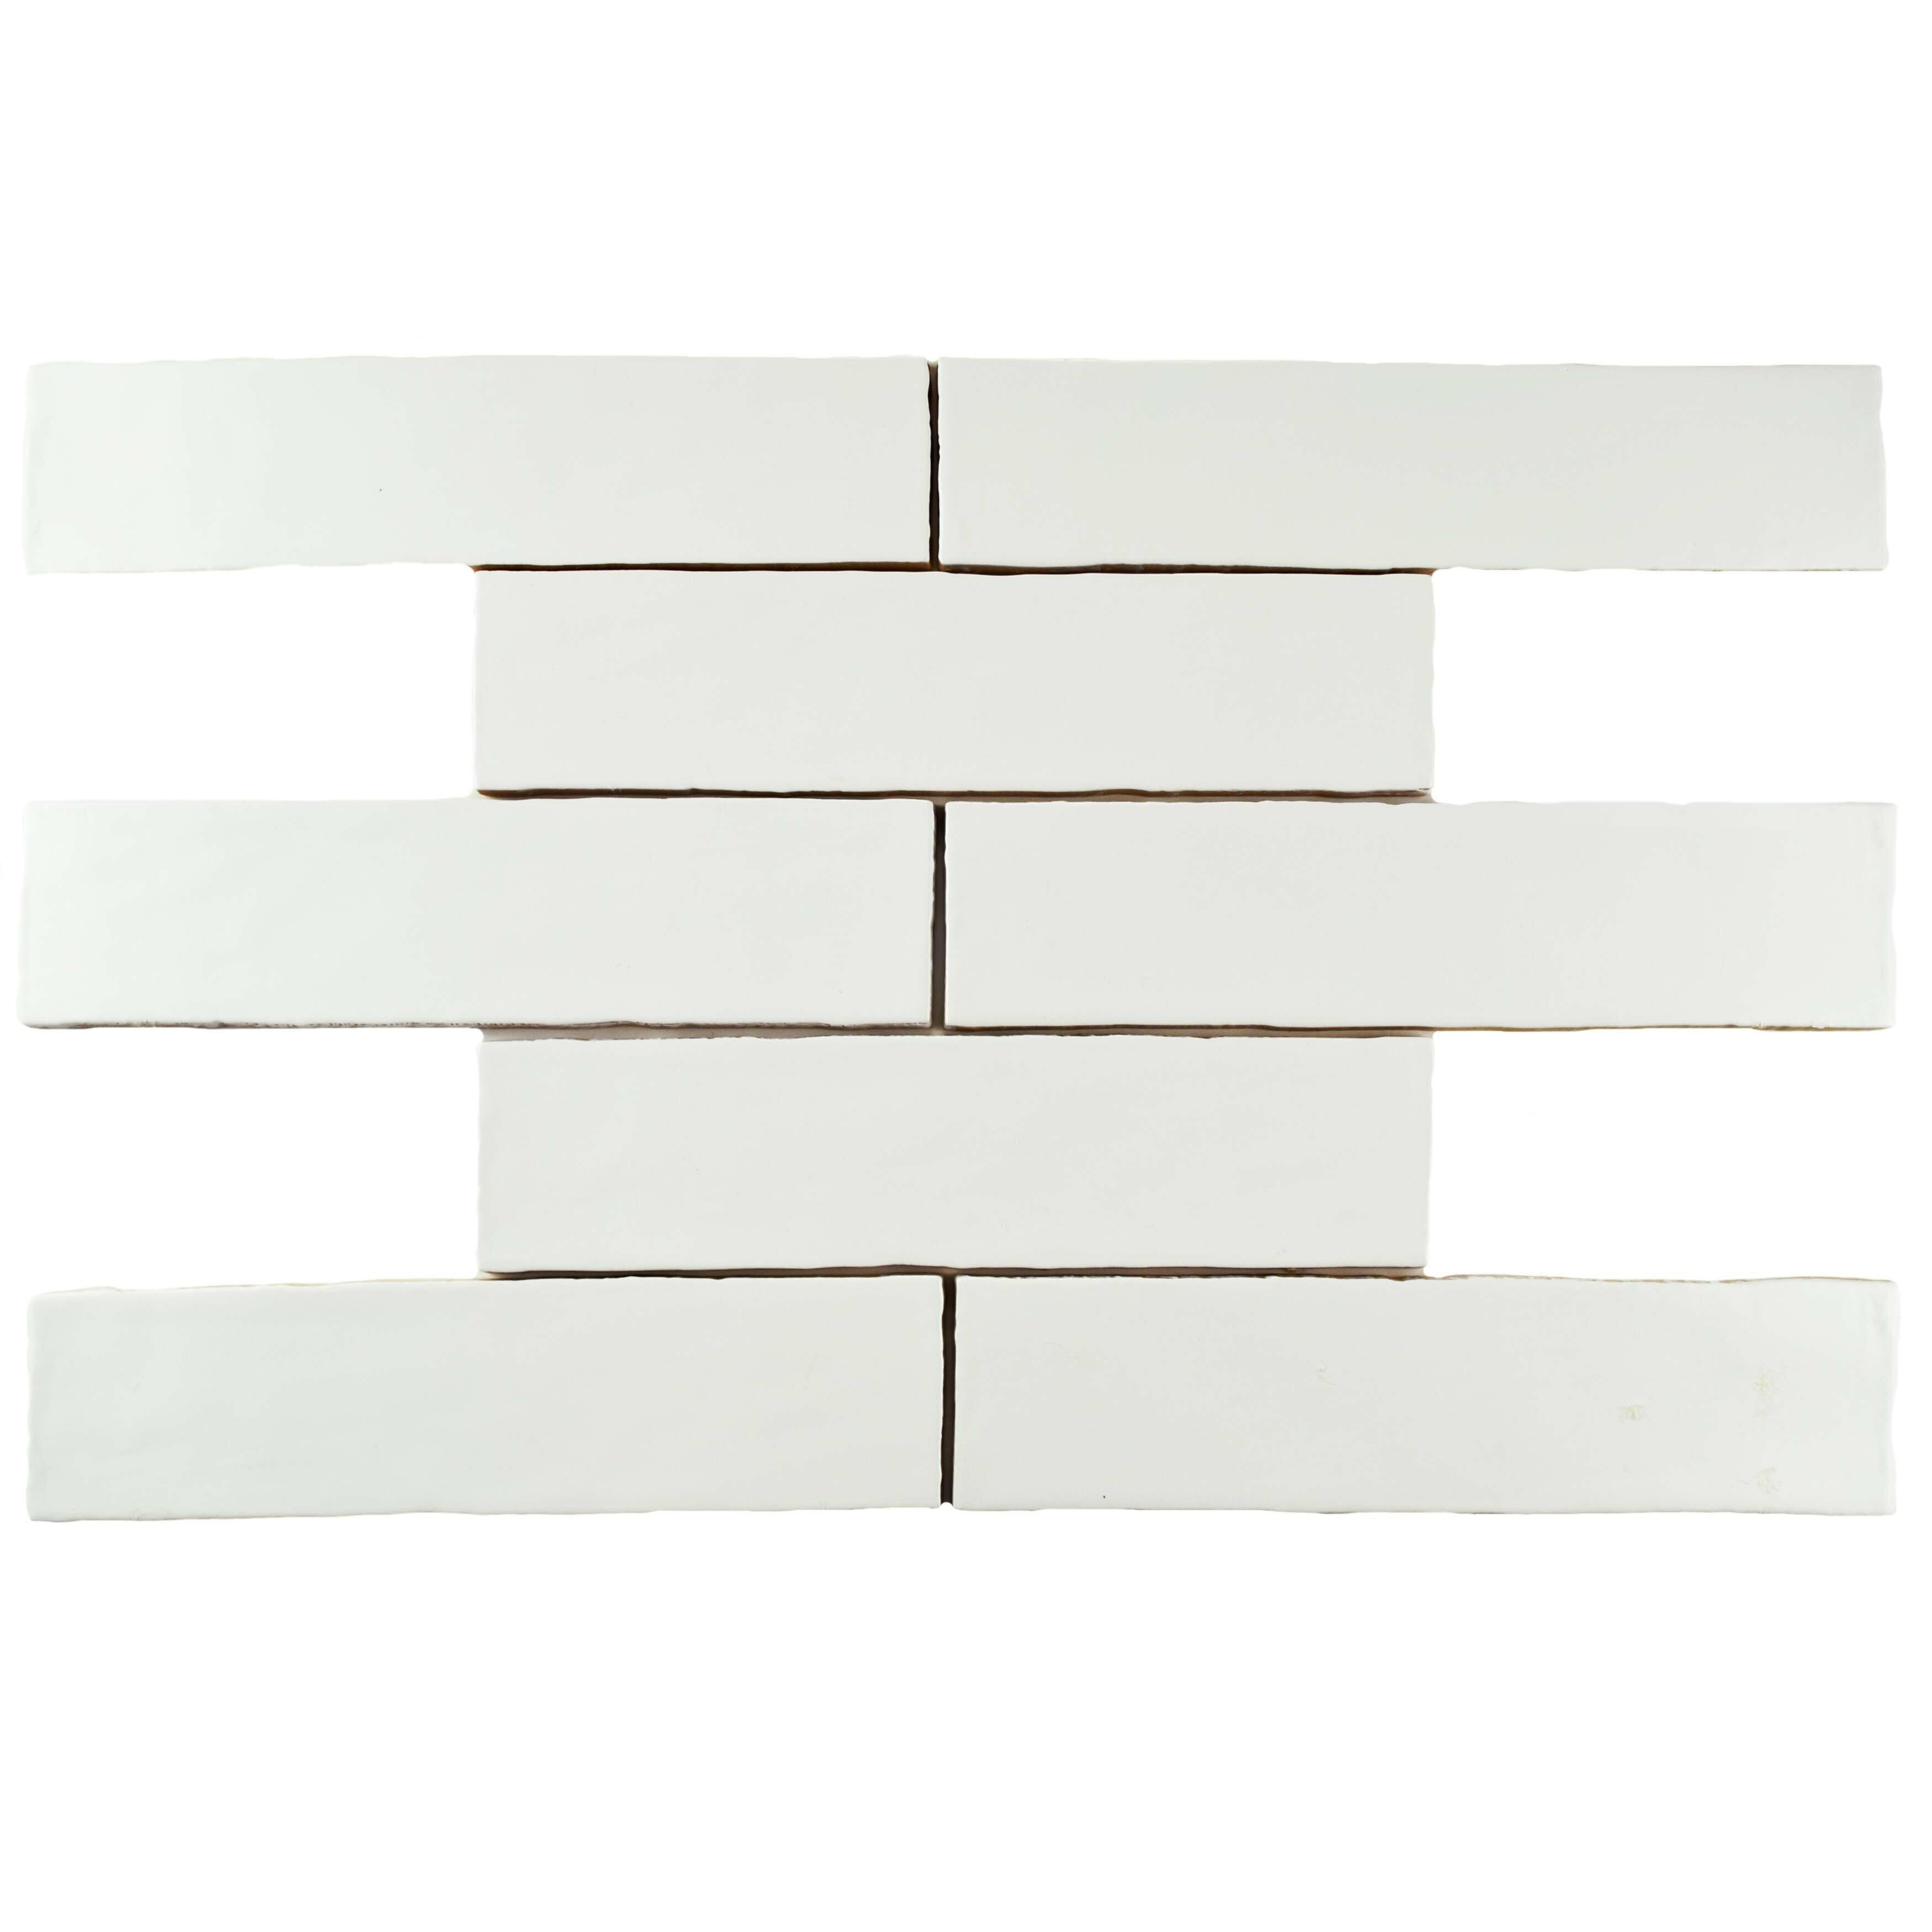 Elitetile Tivoli 3 Quot X 12 Quot Ceramic Subway Tile In Matte